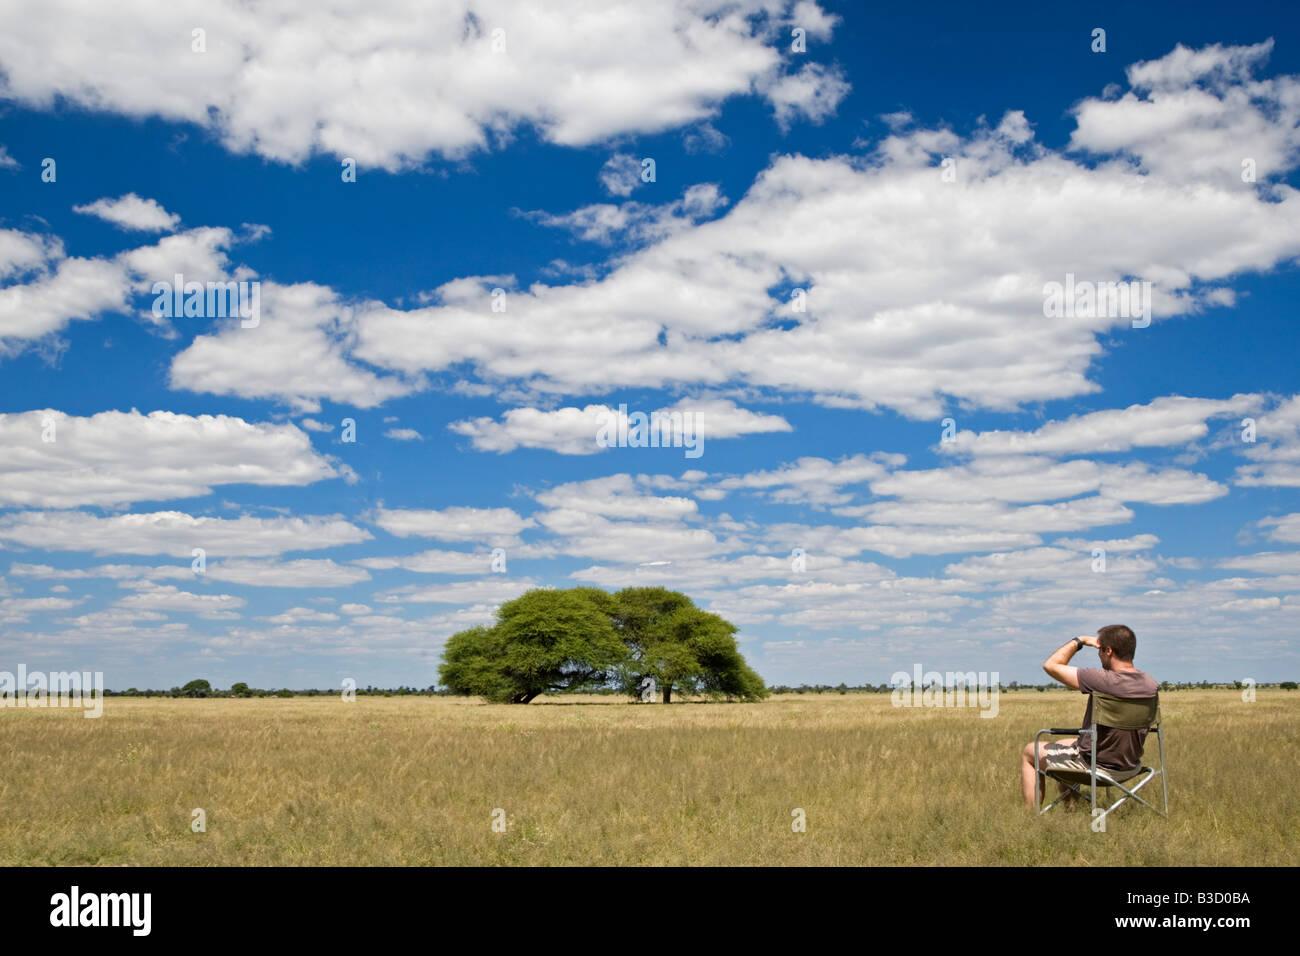 Africa, Botswana, turistico guardando il paesaggio Immagini Stock